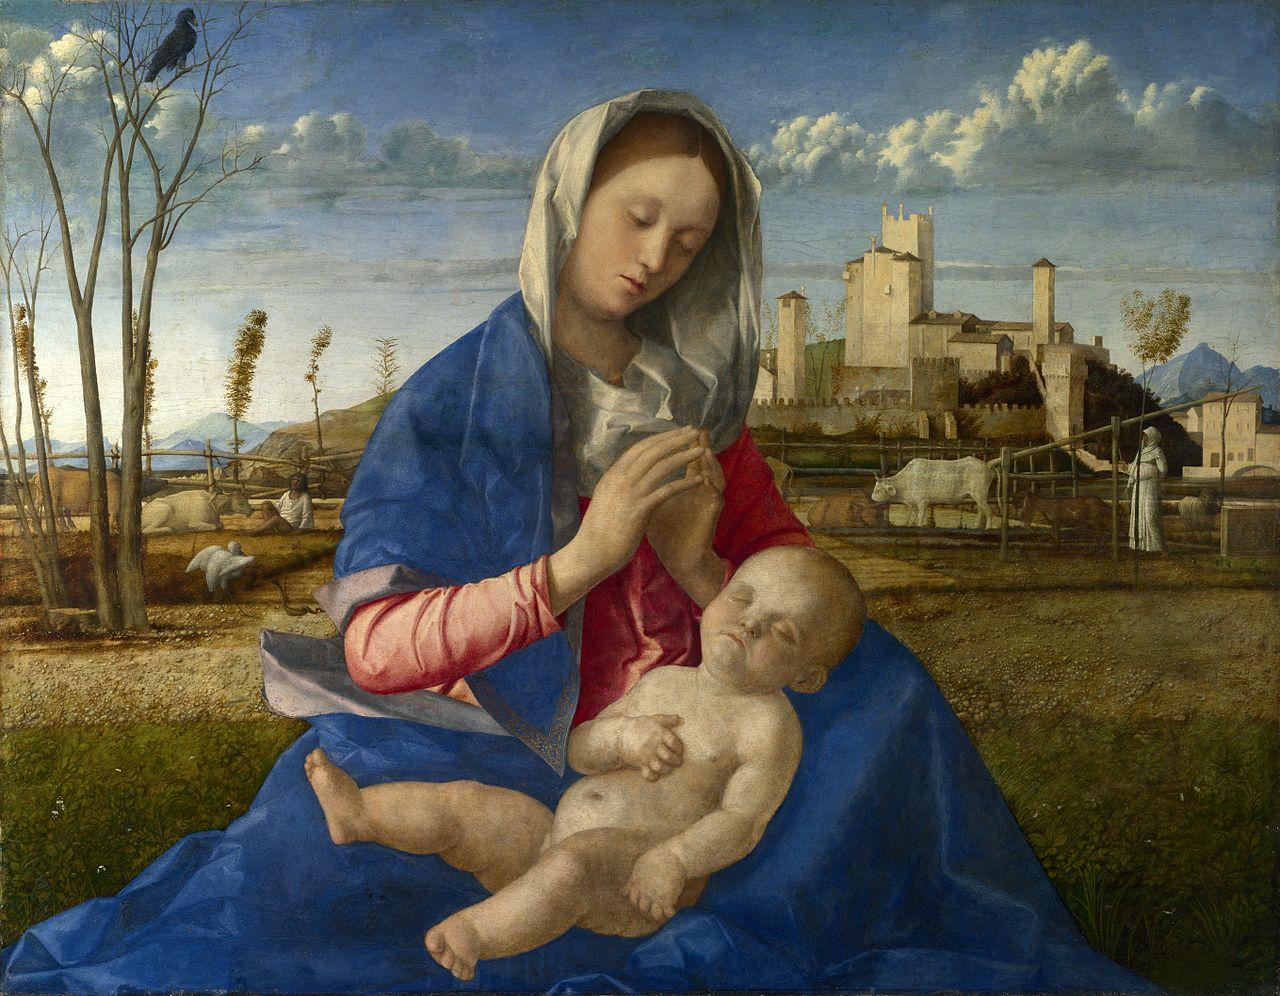 Madonna del Prato (c. 1500)